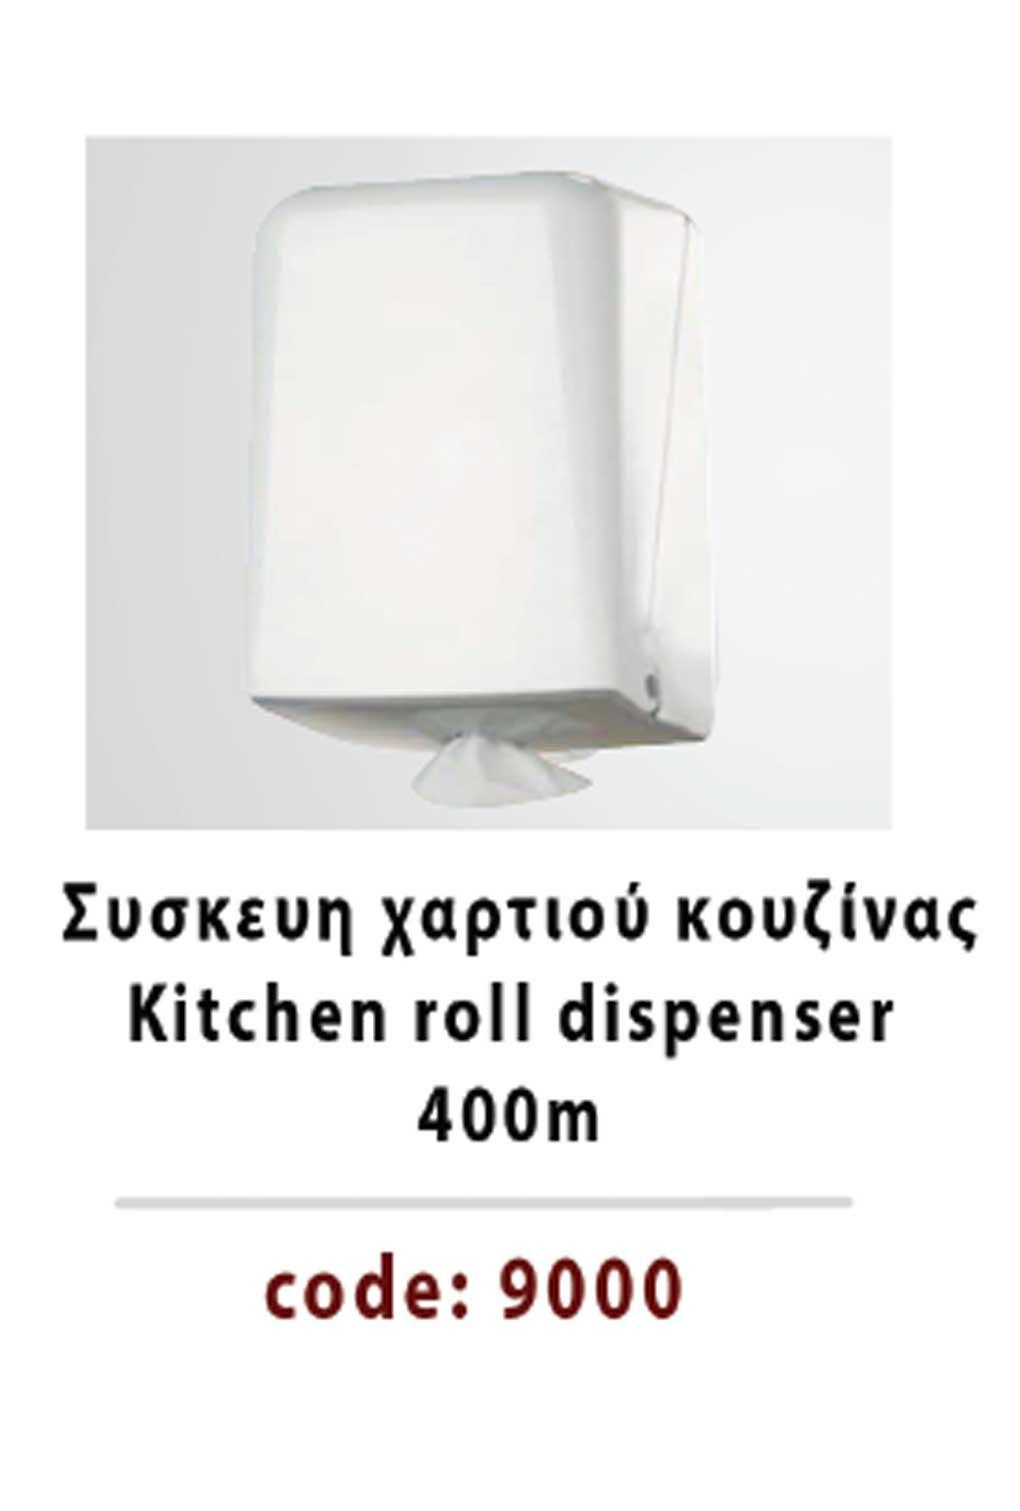 kitchen-roll-dispenser-400-m